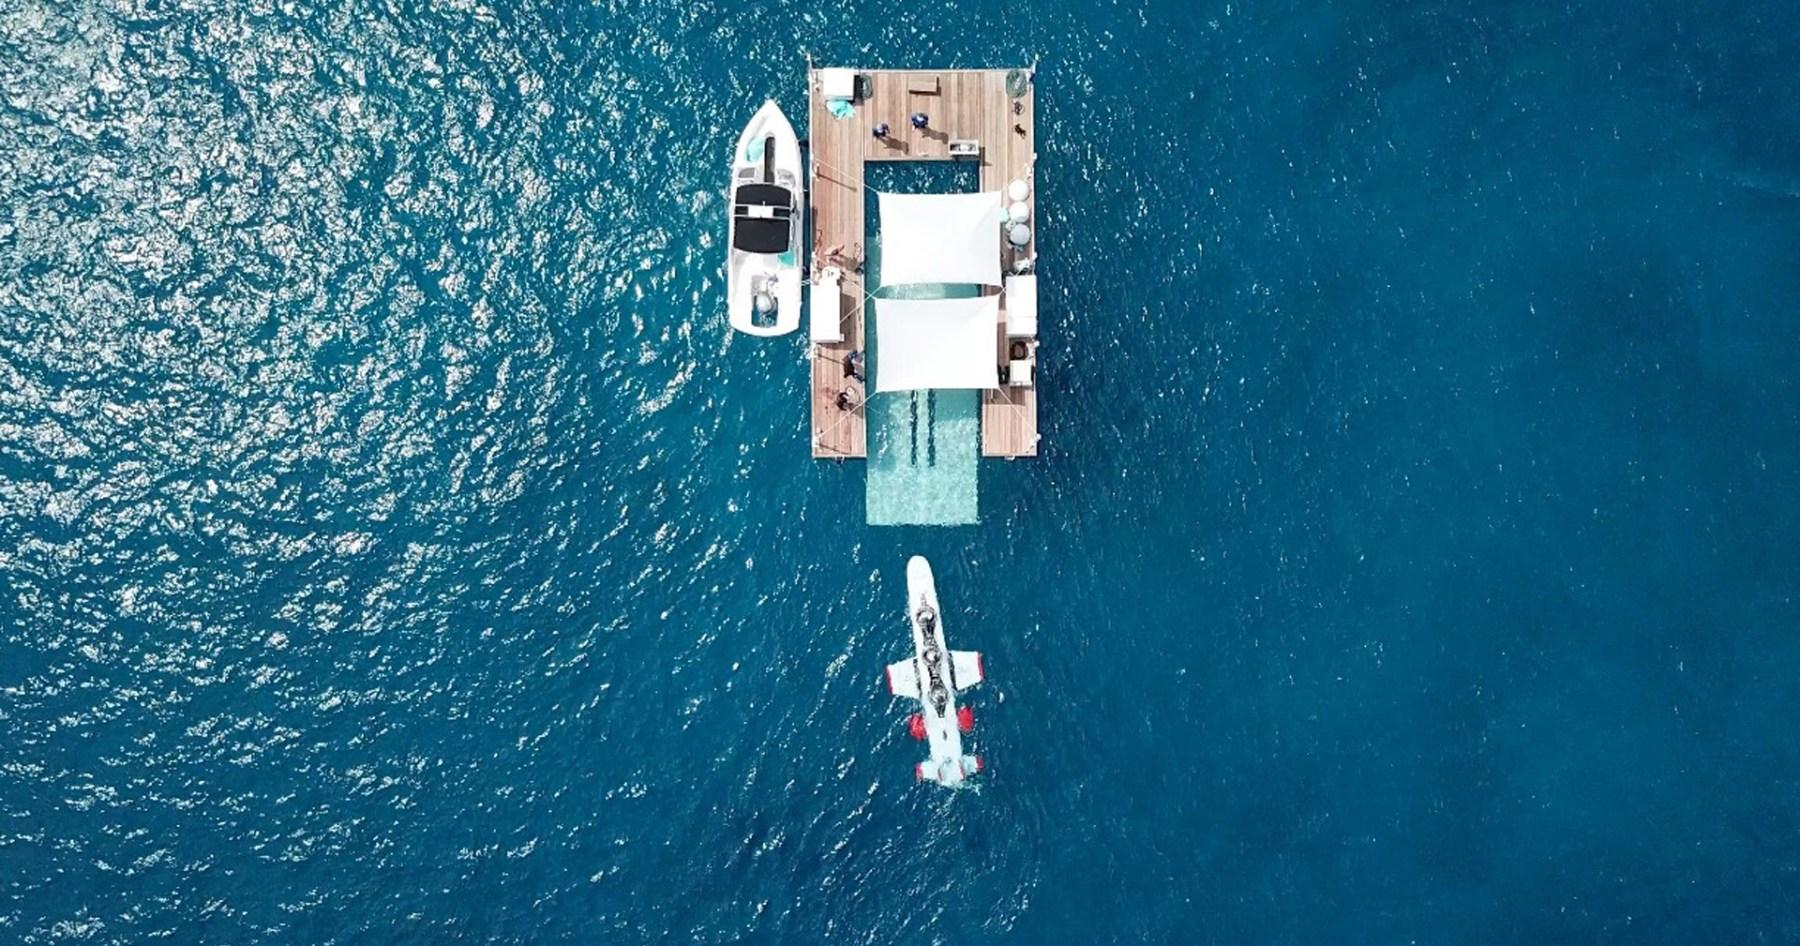 Maldives DeepFlight